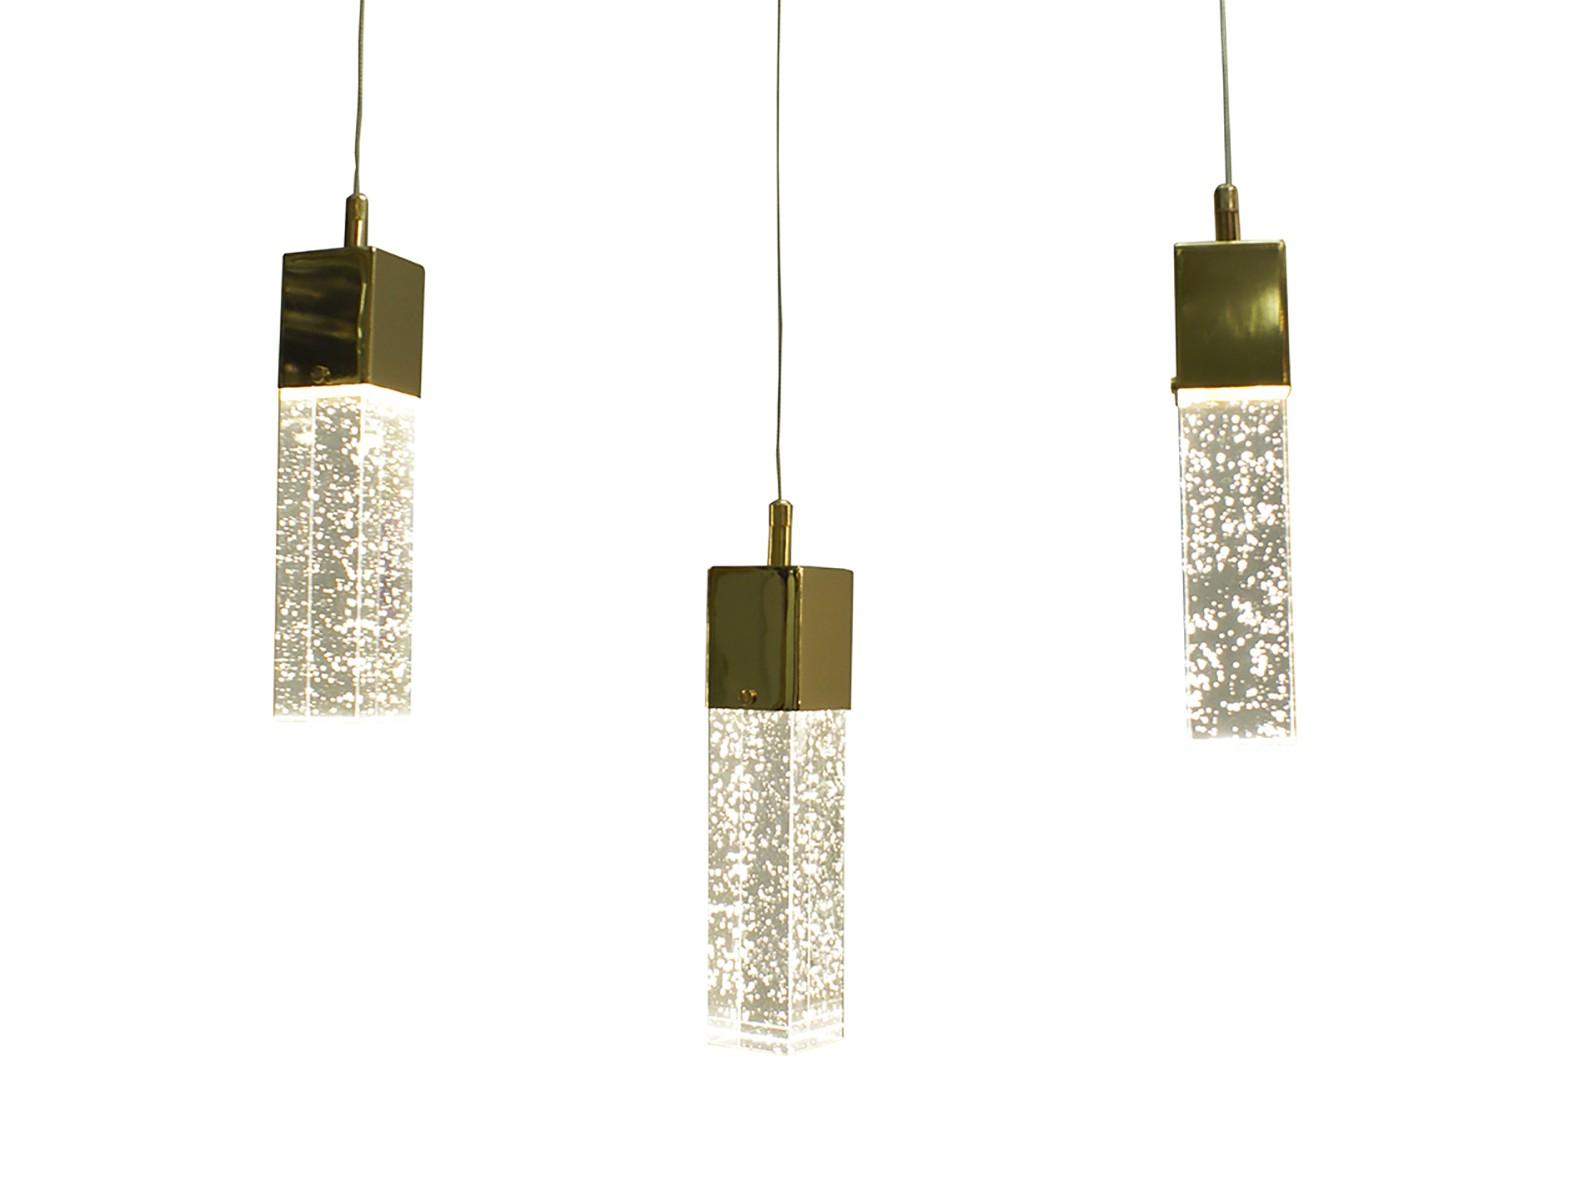 Подвес АкваПодвесные светильники<br>Тип цоколя: LEDМощность: 5W (3000K)Кол-во ламп: 3 (в комплекте)Материал: металл, стекло<br><br>kit: None<br>gender: None